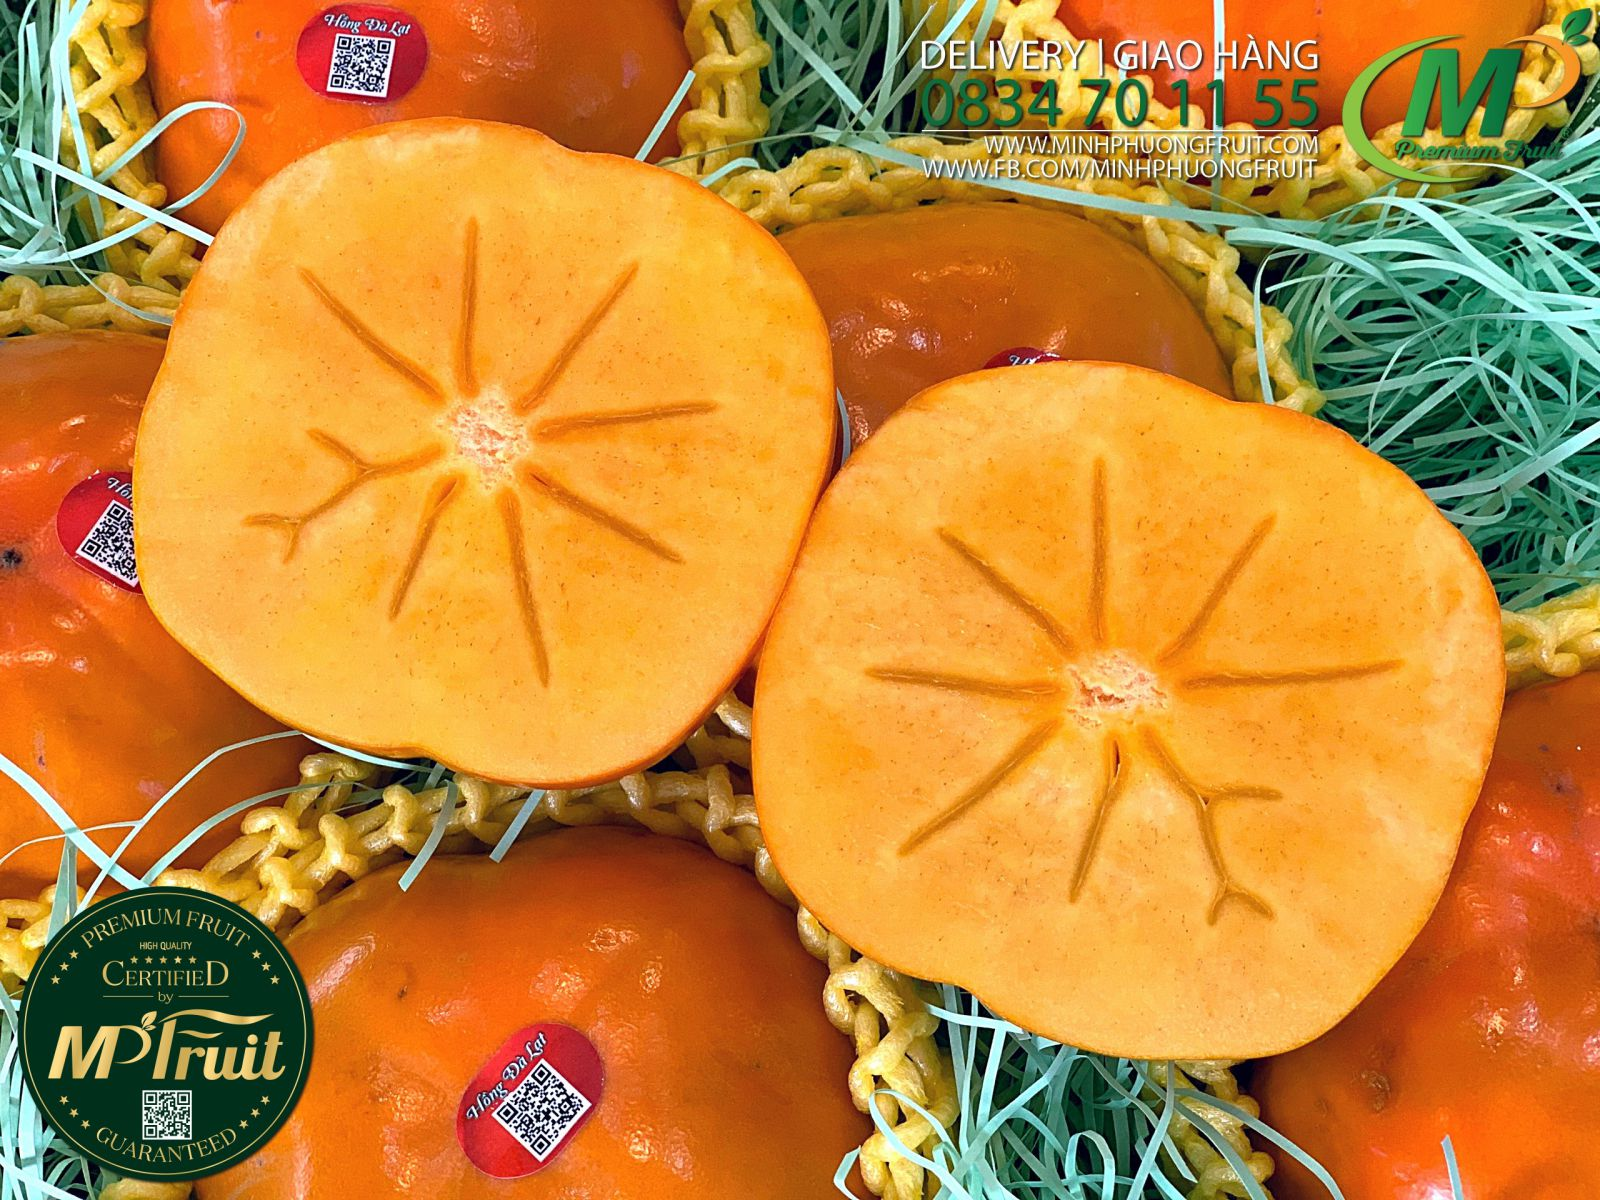 Hồng Giòn Fuyu Giống Nhật Bản tại MP Fruit